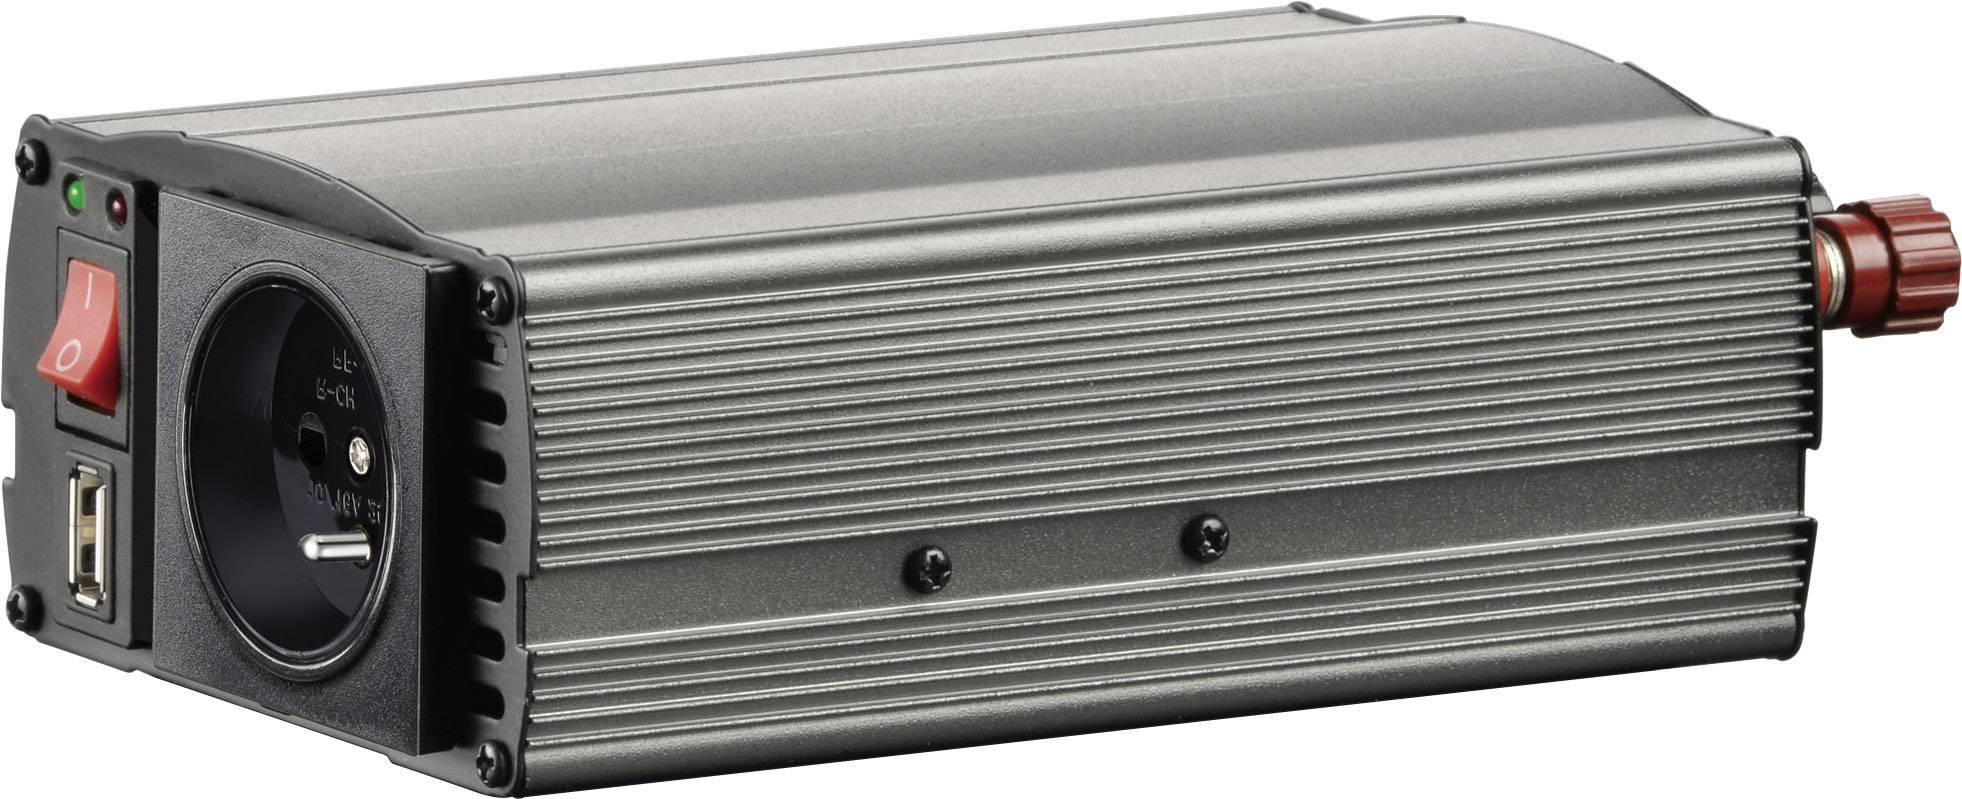 Měnič napětí Voltcraft MSW 300-12-F, USB, , CZ zásuvka